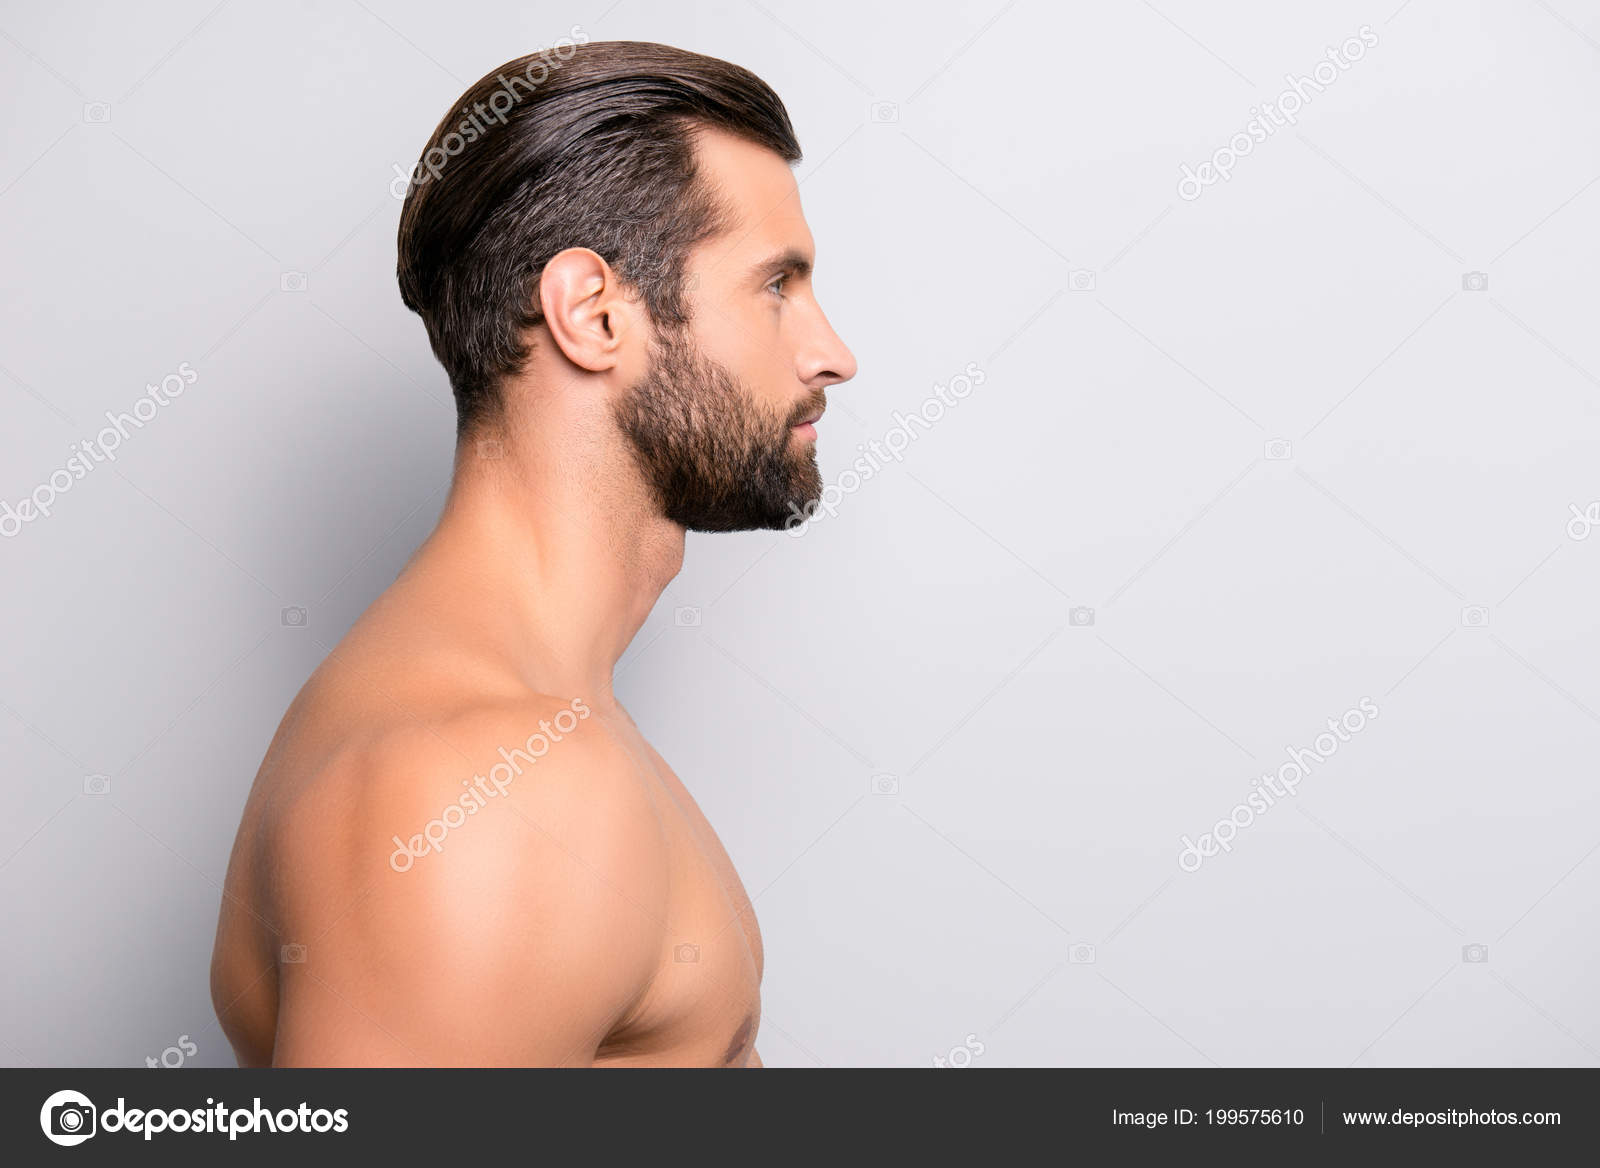 Nude profile side